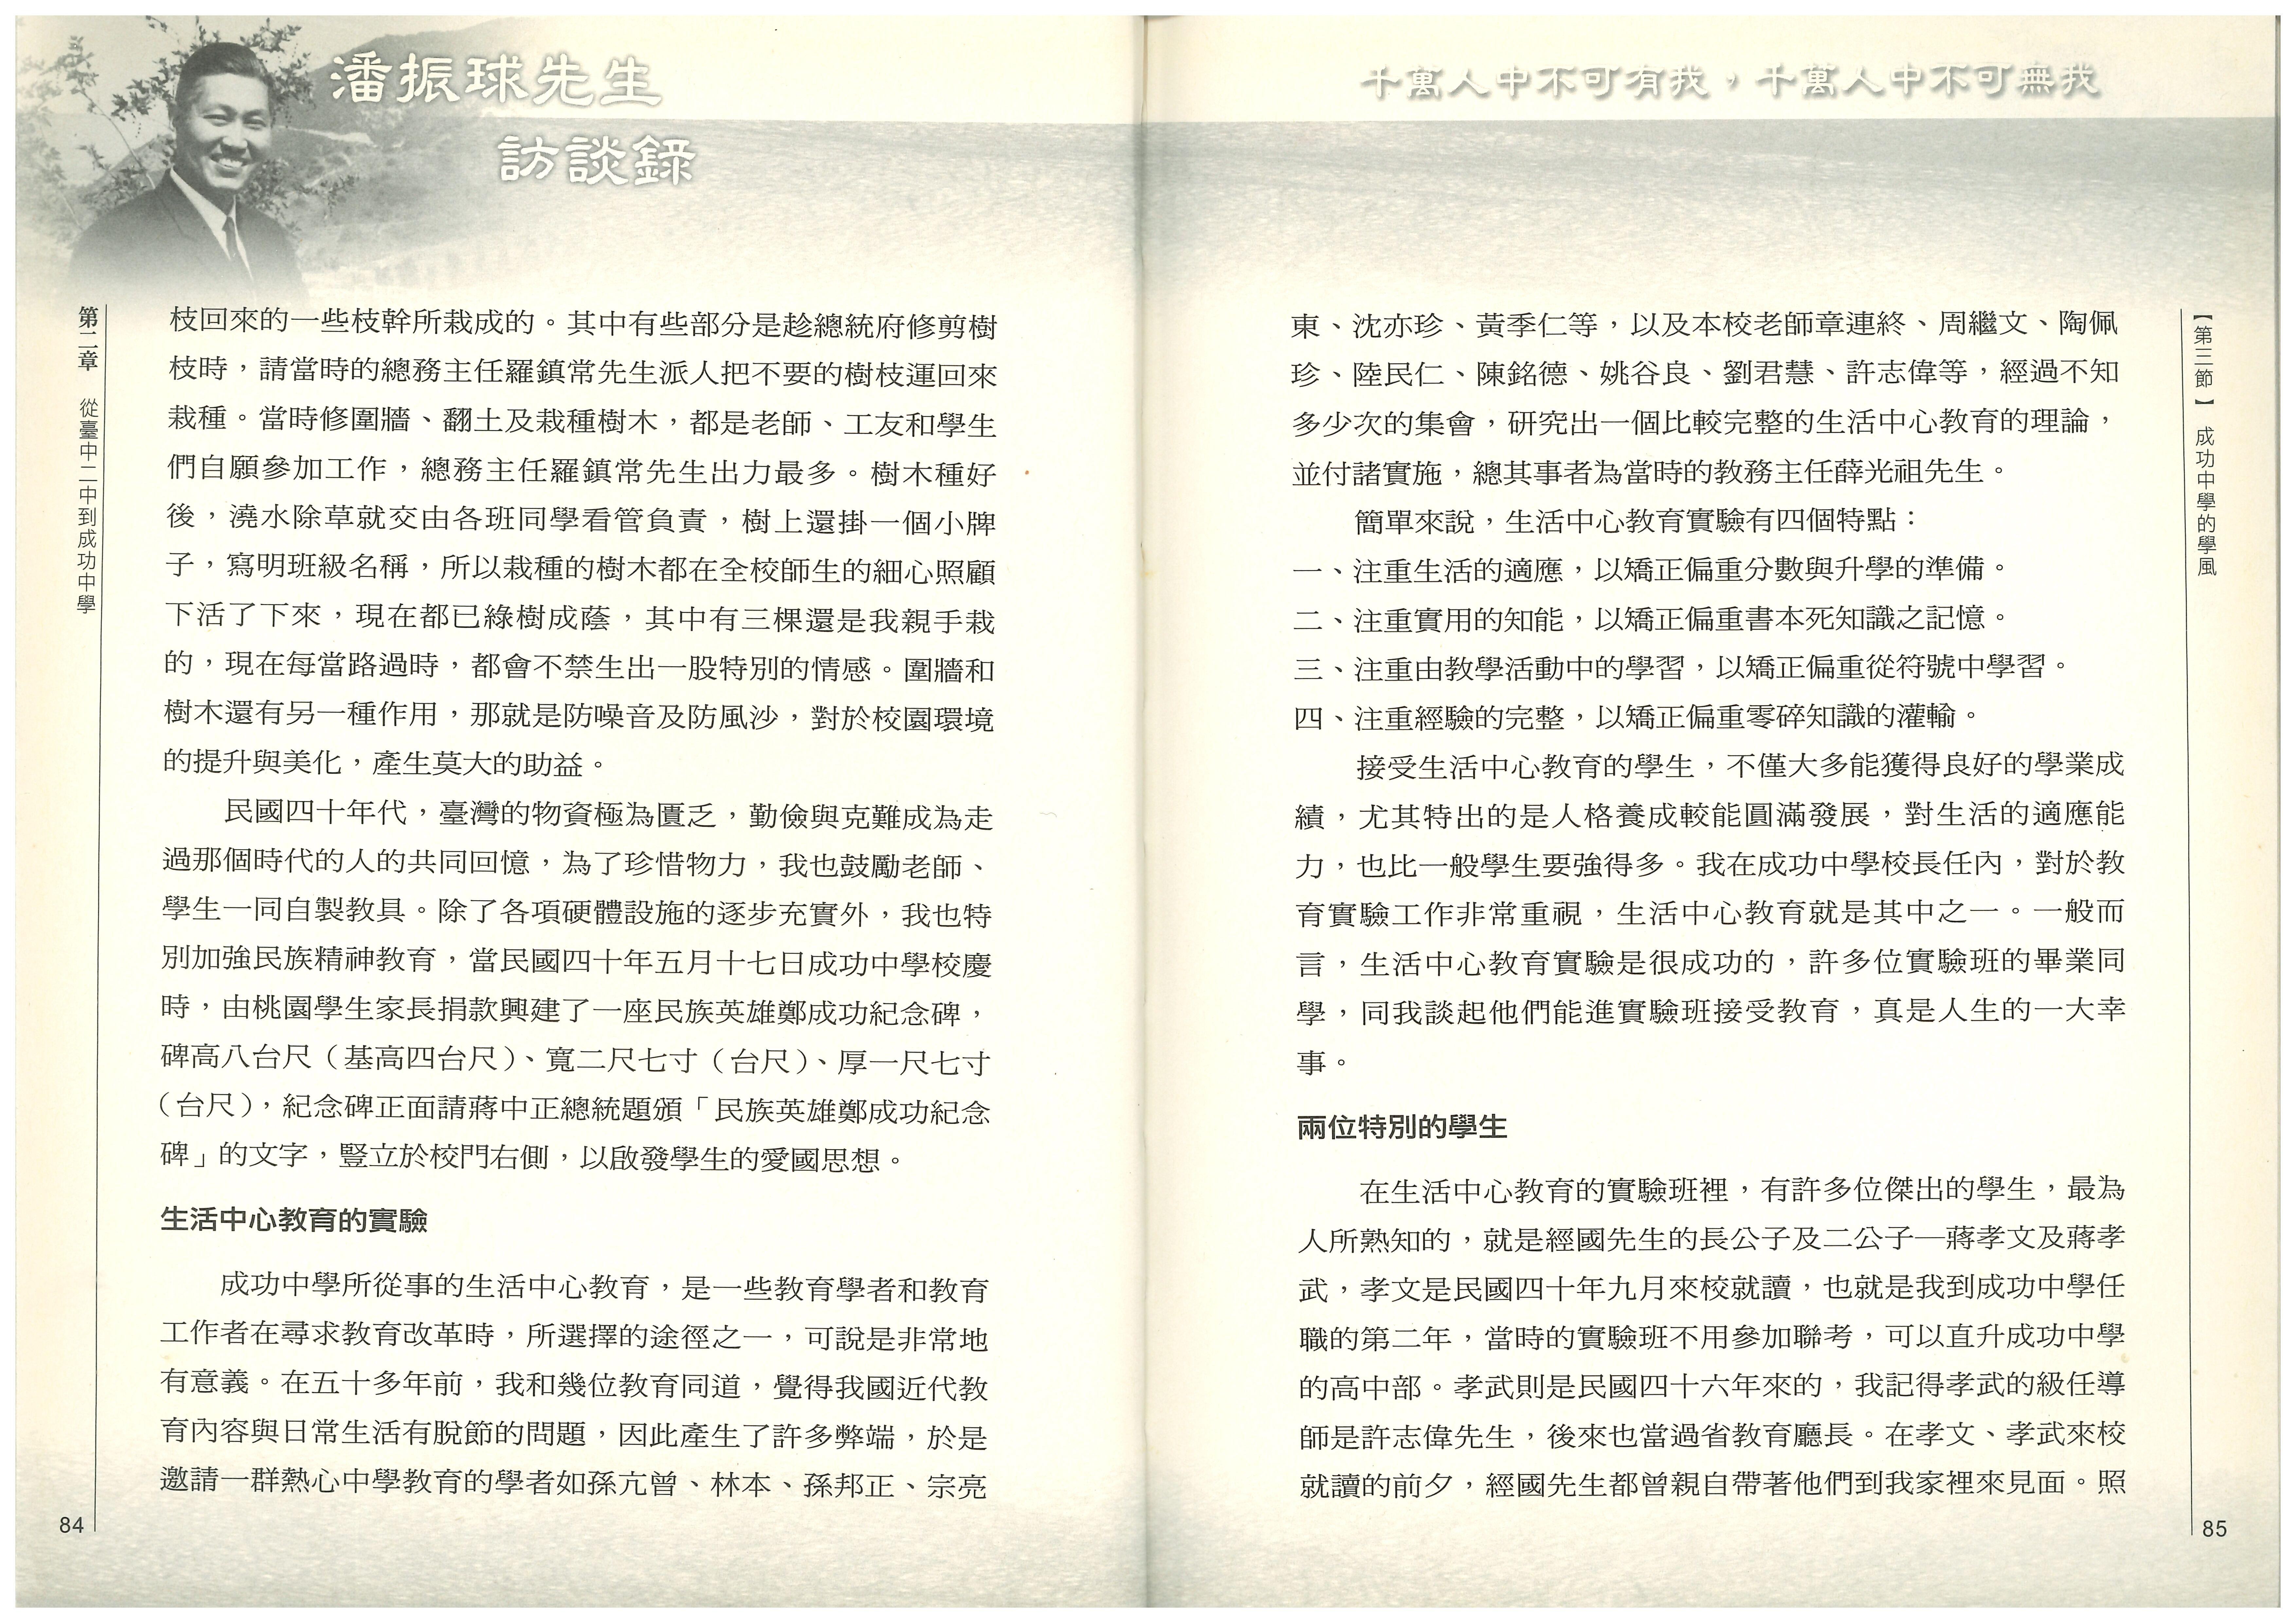 潘振球先生訪談錄p.84.85